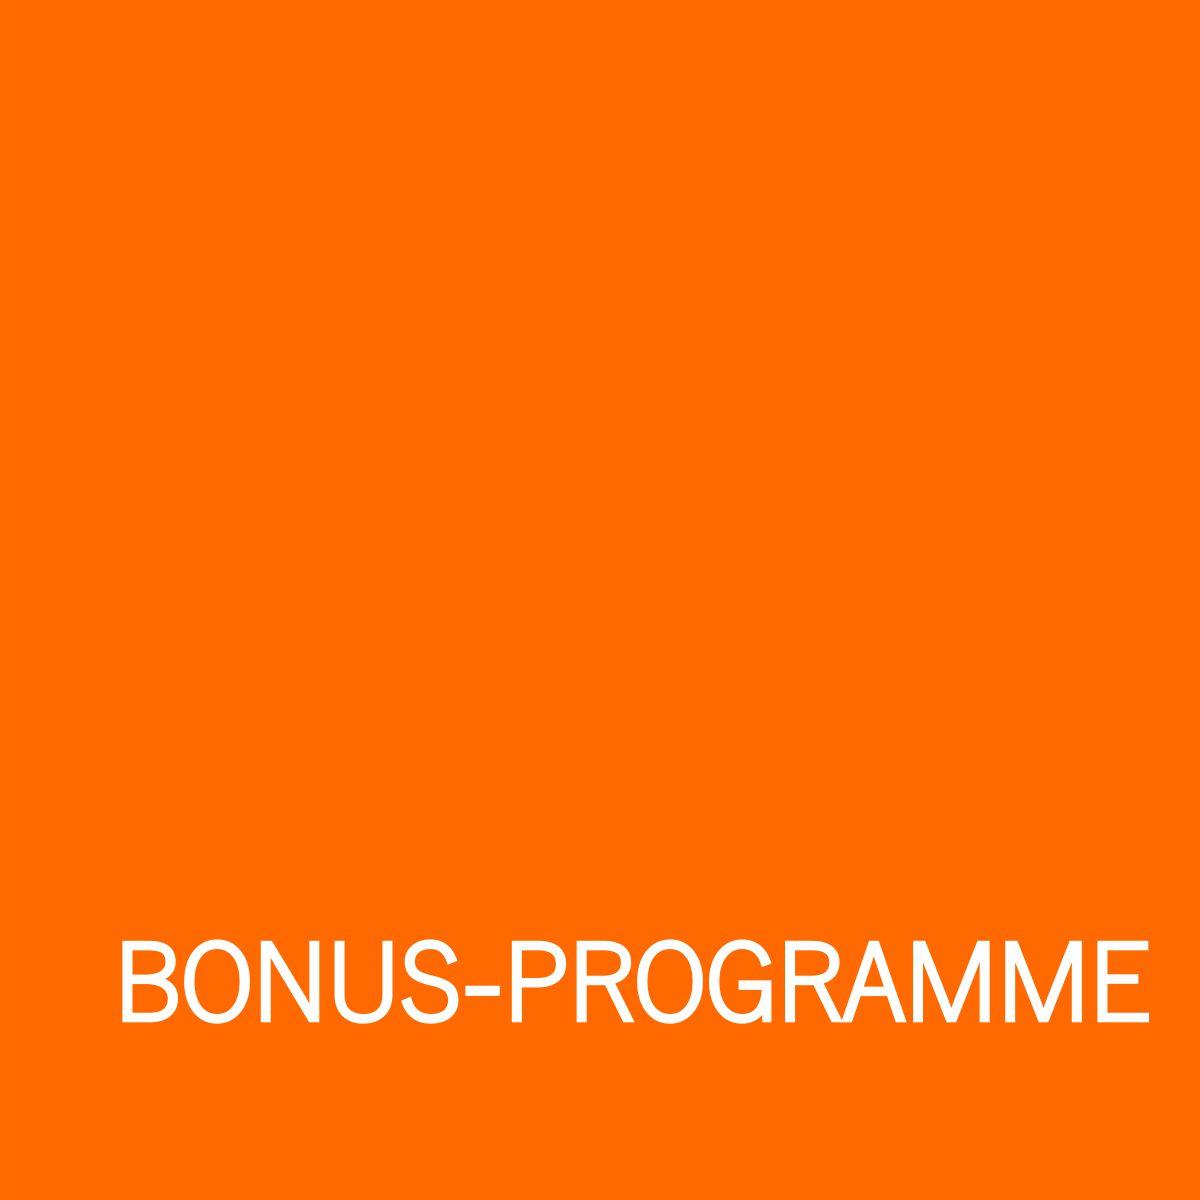 Bonus-Programme, Prämien-Programme zur Verbesserung der Kundenbindung und Lead-Generierung